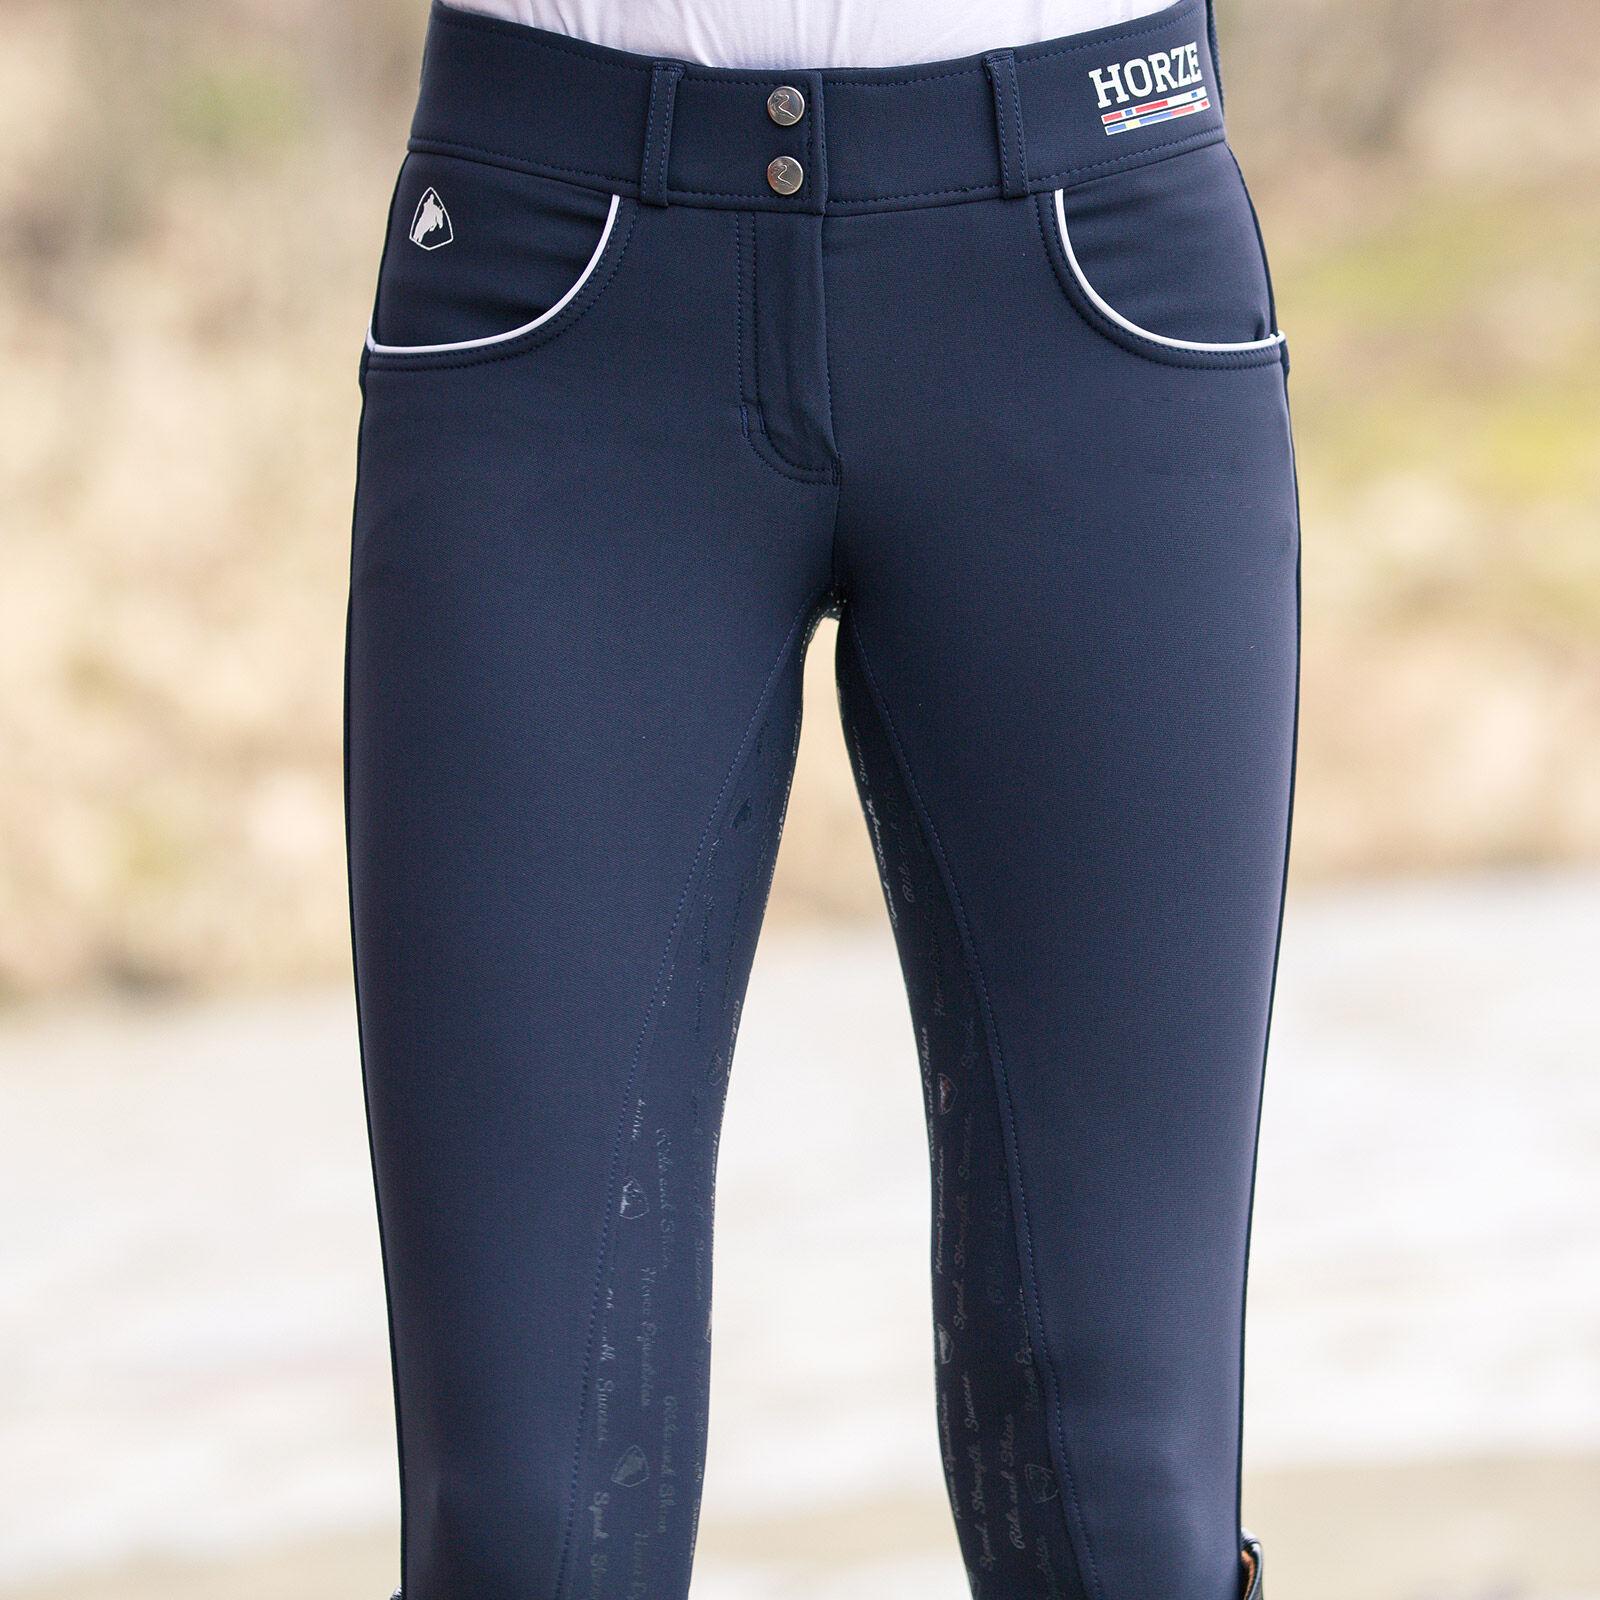 Pantalon d'équitation Nordic Performance Horze à grip silicone, femme